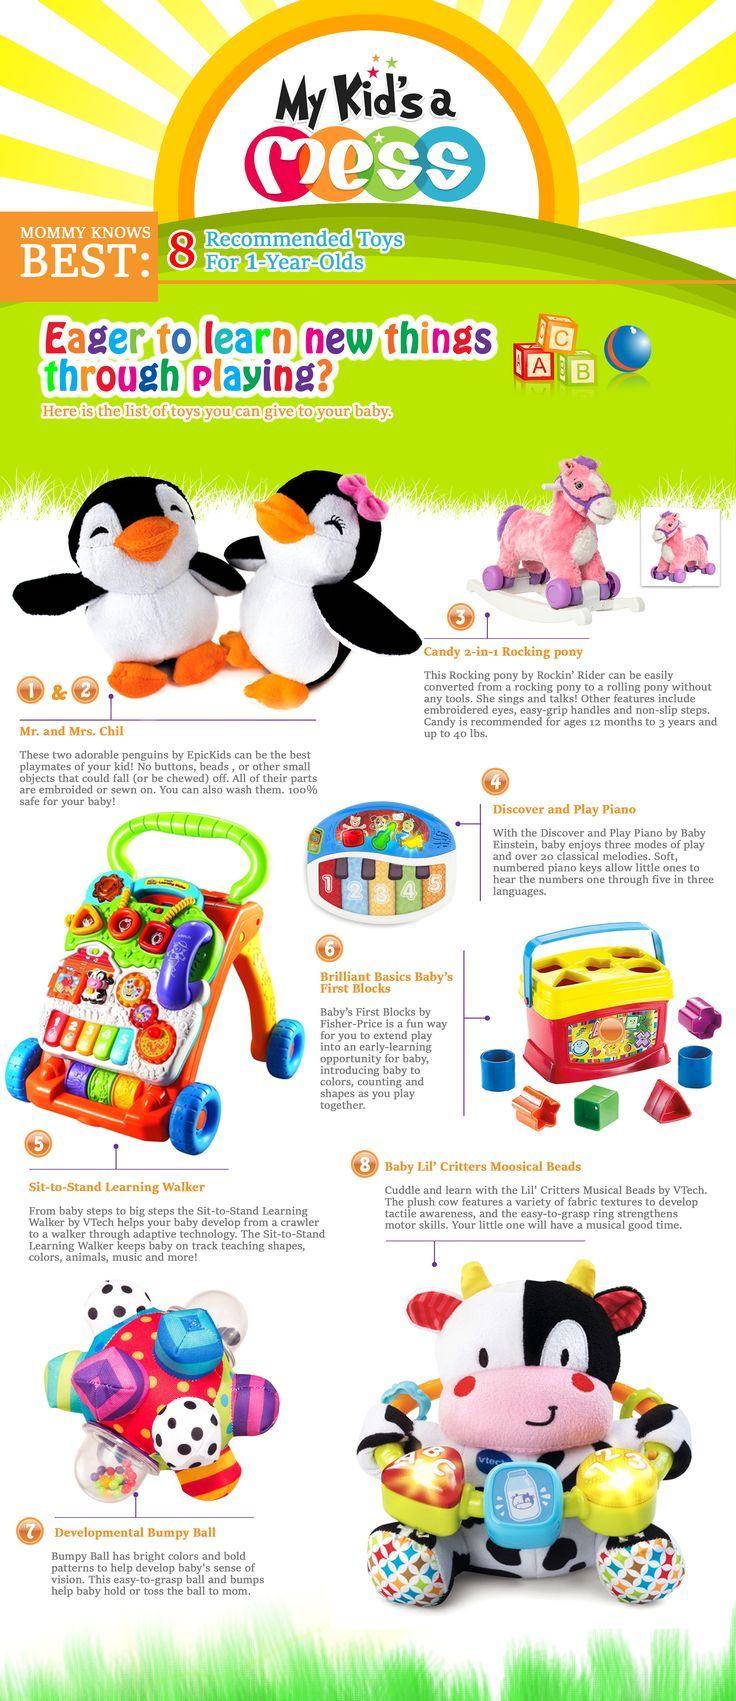 Epickids Liste Empfohlener Spielzeuge Fur 1 Jahrige Spielzeug Fur 1 Jahrige Spielzeug Kinder Spielzeug